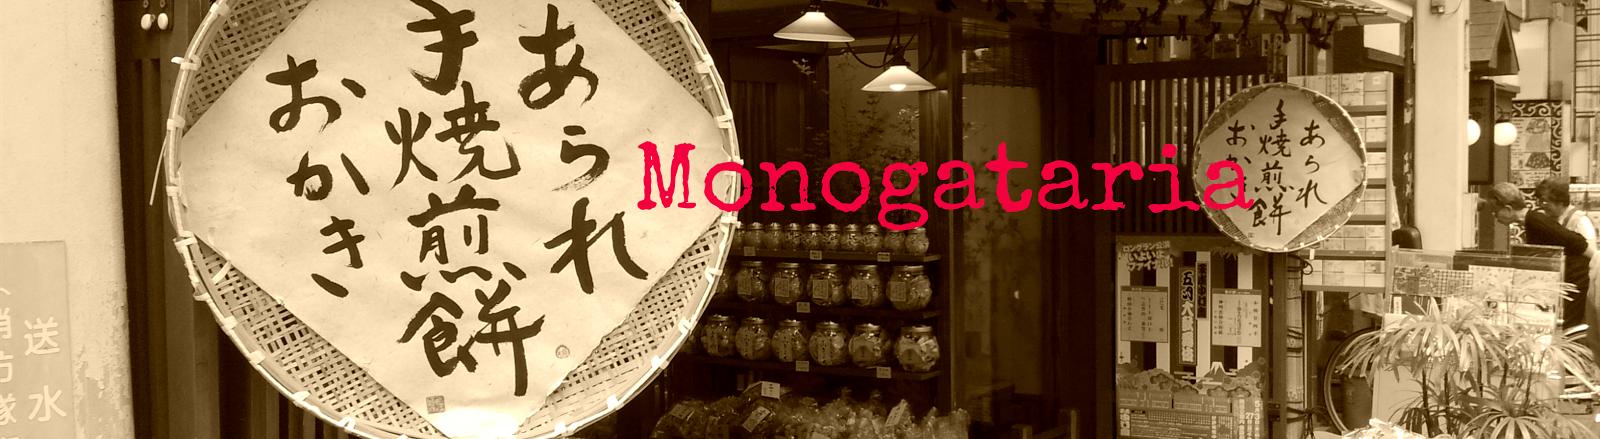 Monogataria - verhaaltjes uit en over Japan